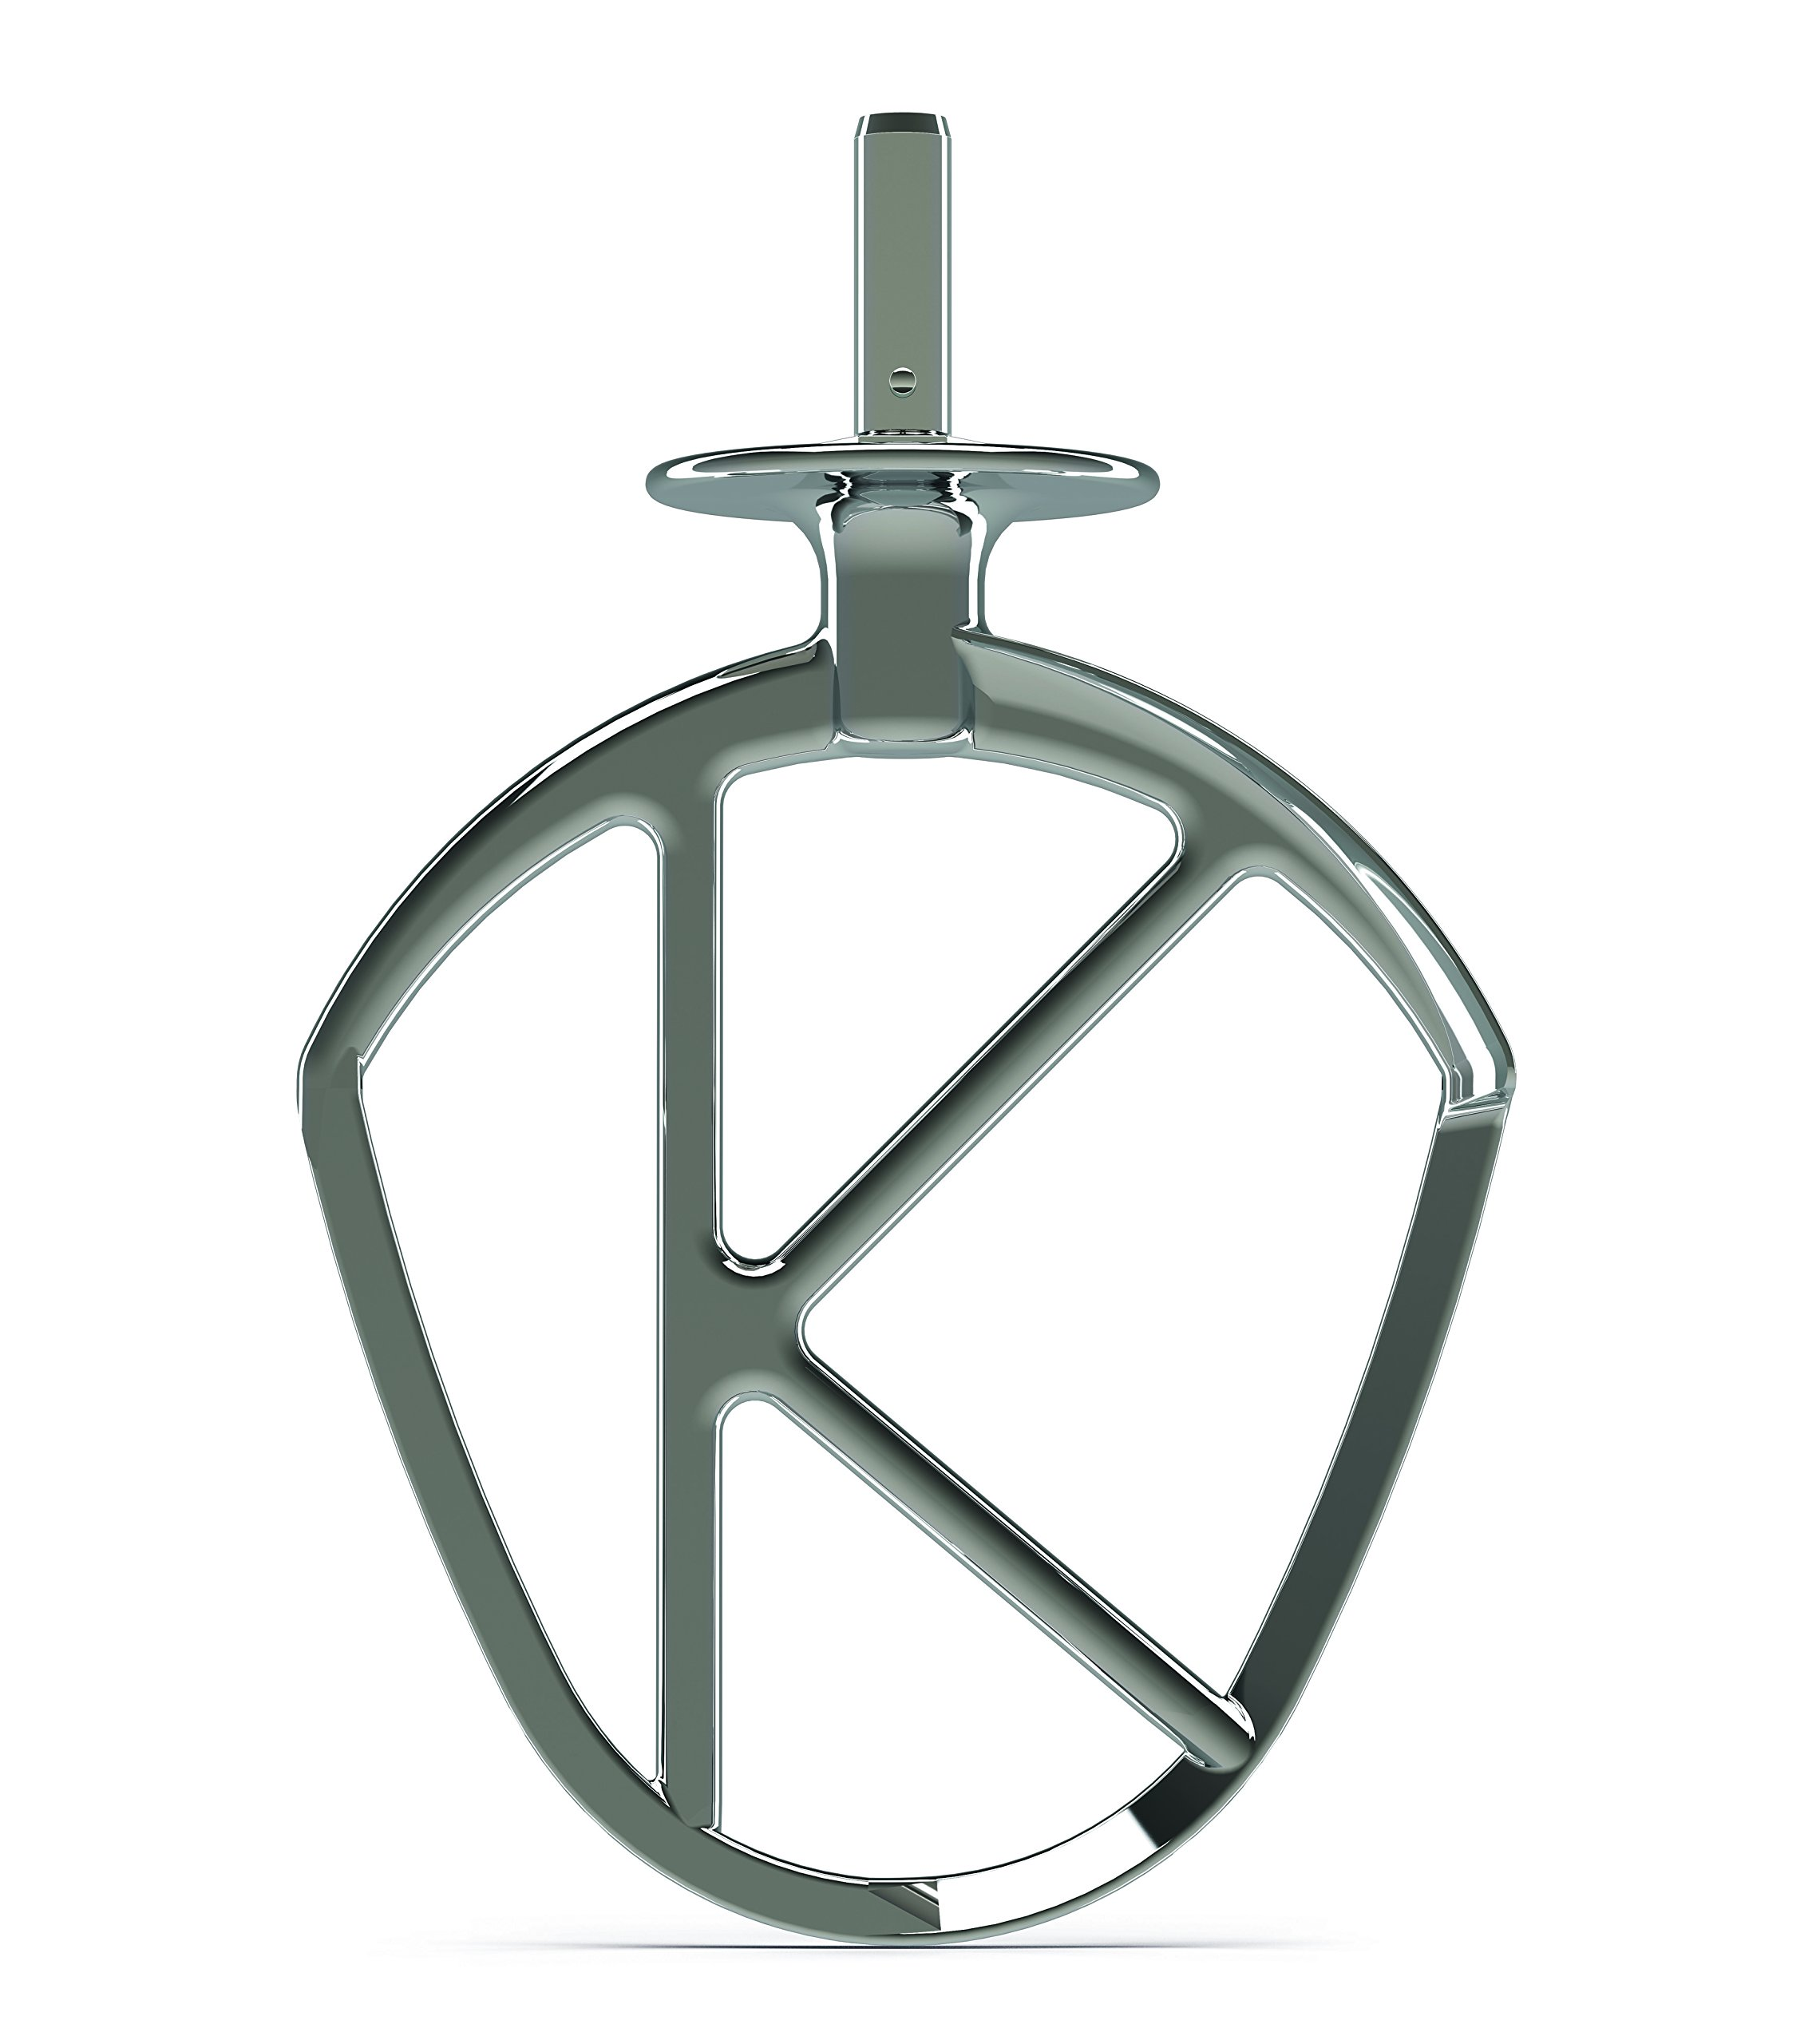 Kenwood-Chef-XL-Titanium-KVL8300S-Kchenmaschine-1700-W-67-l-Fllmenge-5-teiliges-Patisserie-Set-System-Pro-Rhrschssel-Innenbeleuchtung